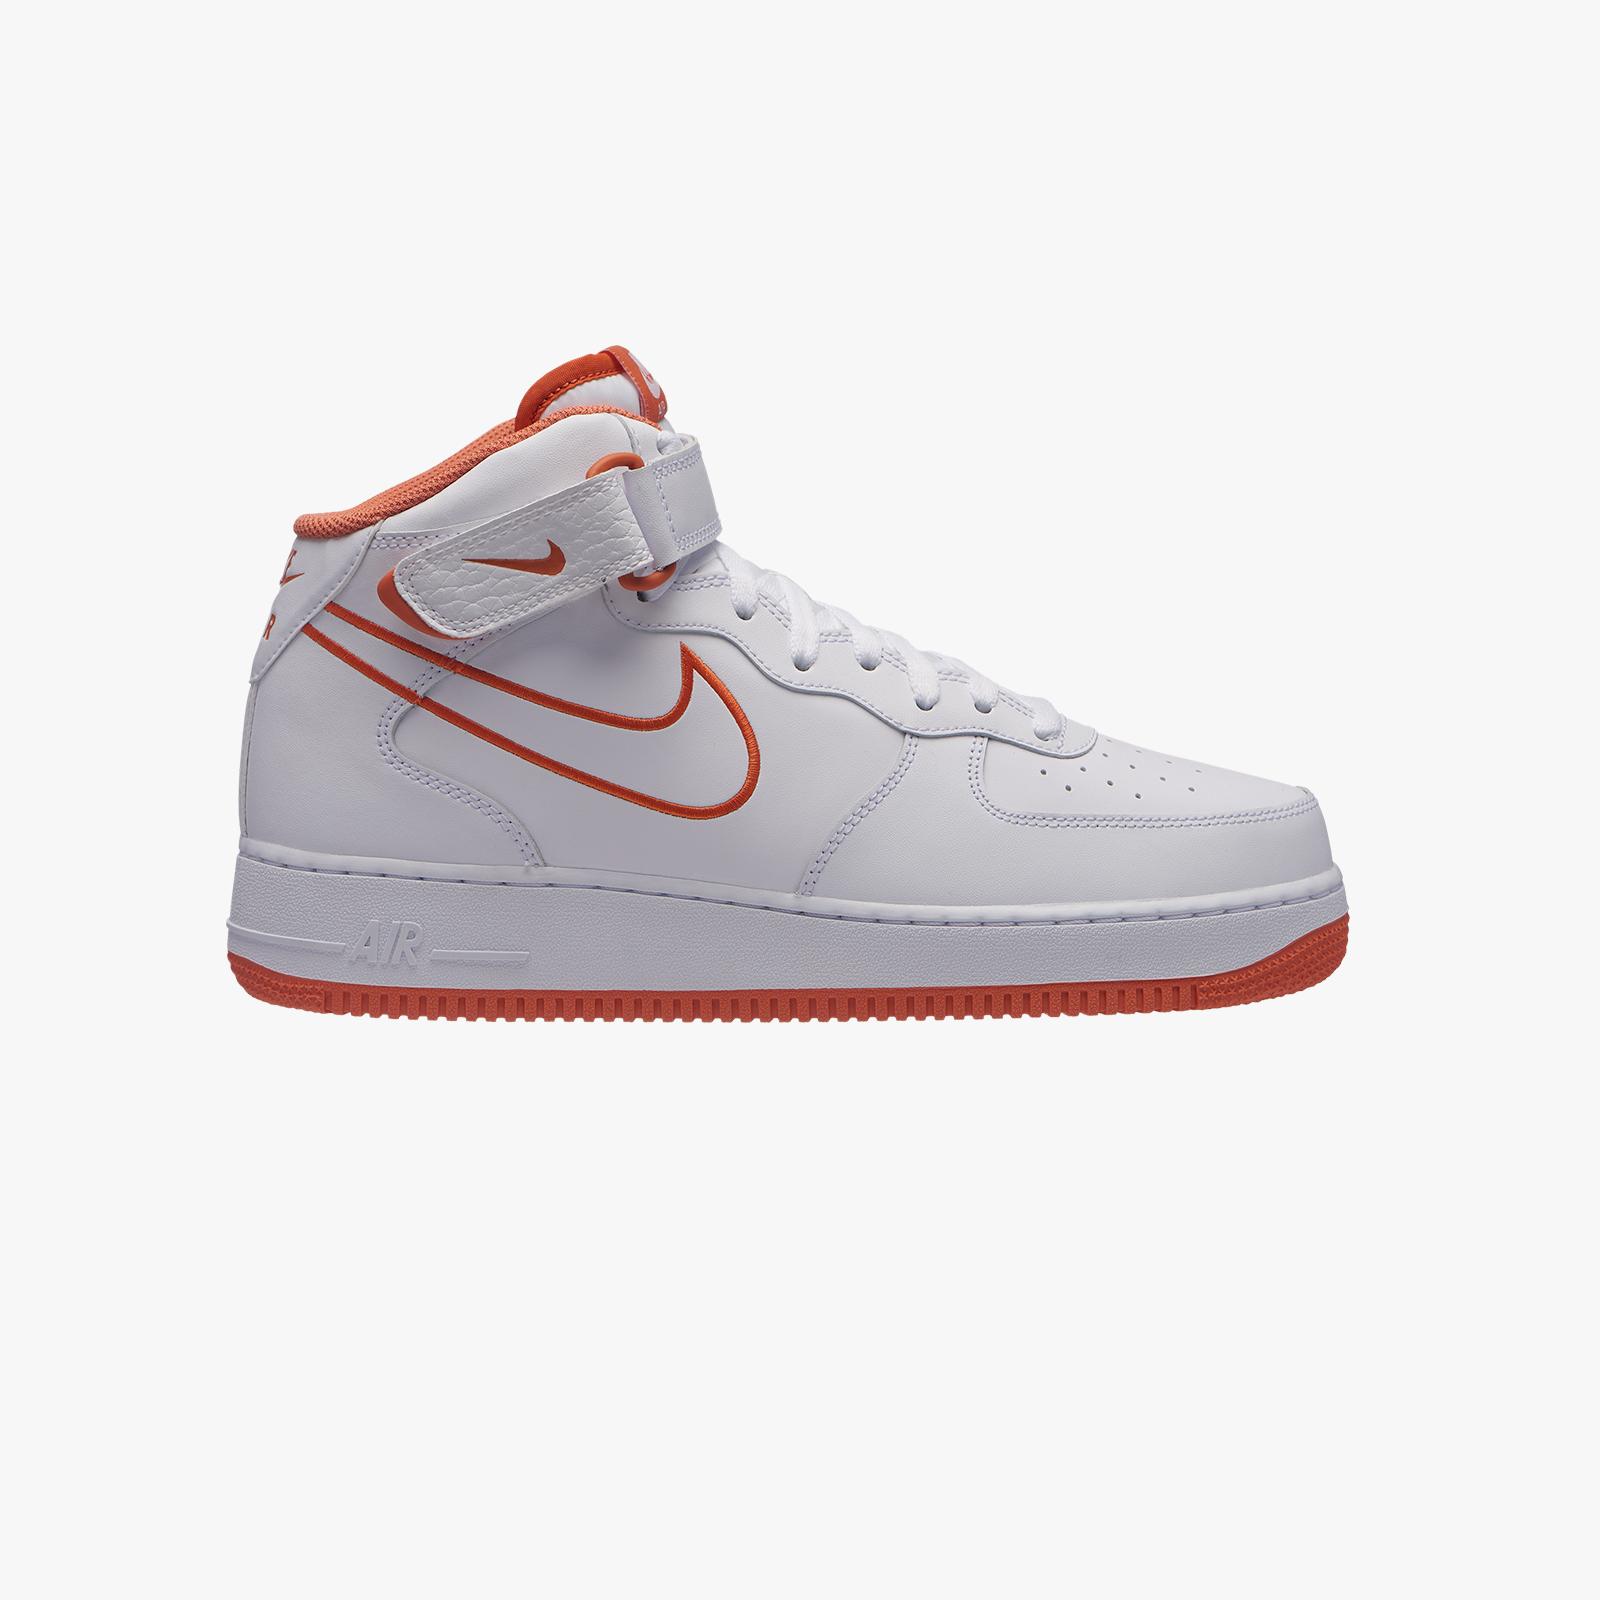 7072cbf65d527 Nike Air Force 1 Mid 07 - Aq8650-100 - Sneakersnstuff